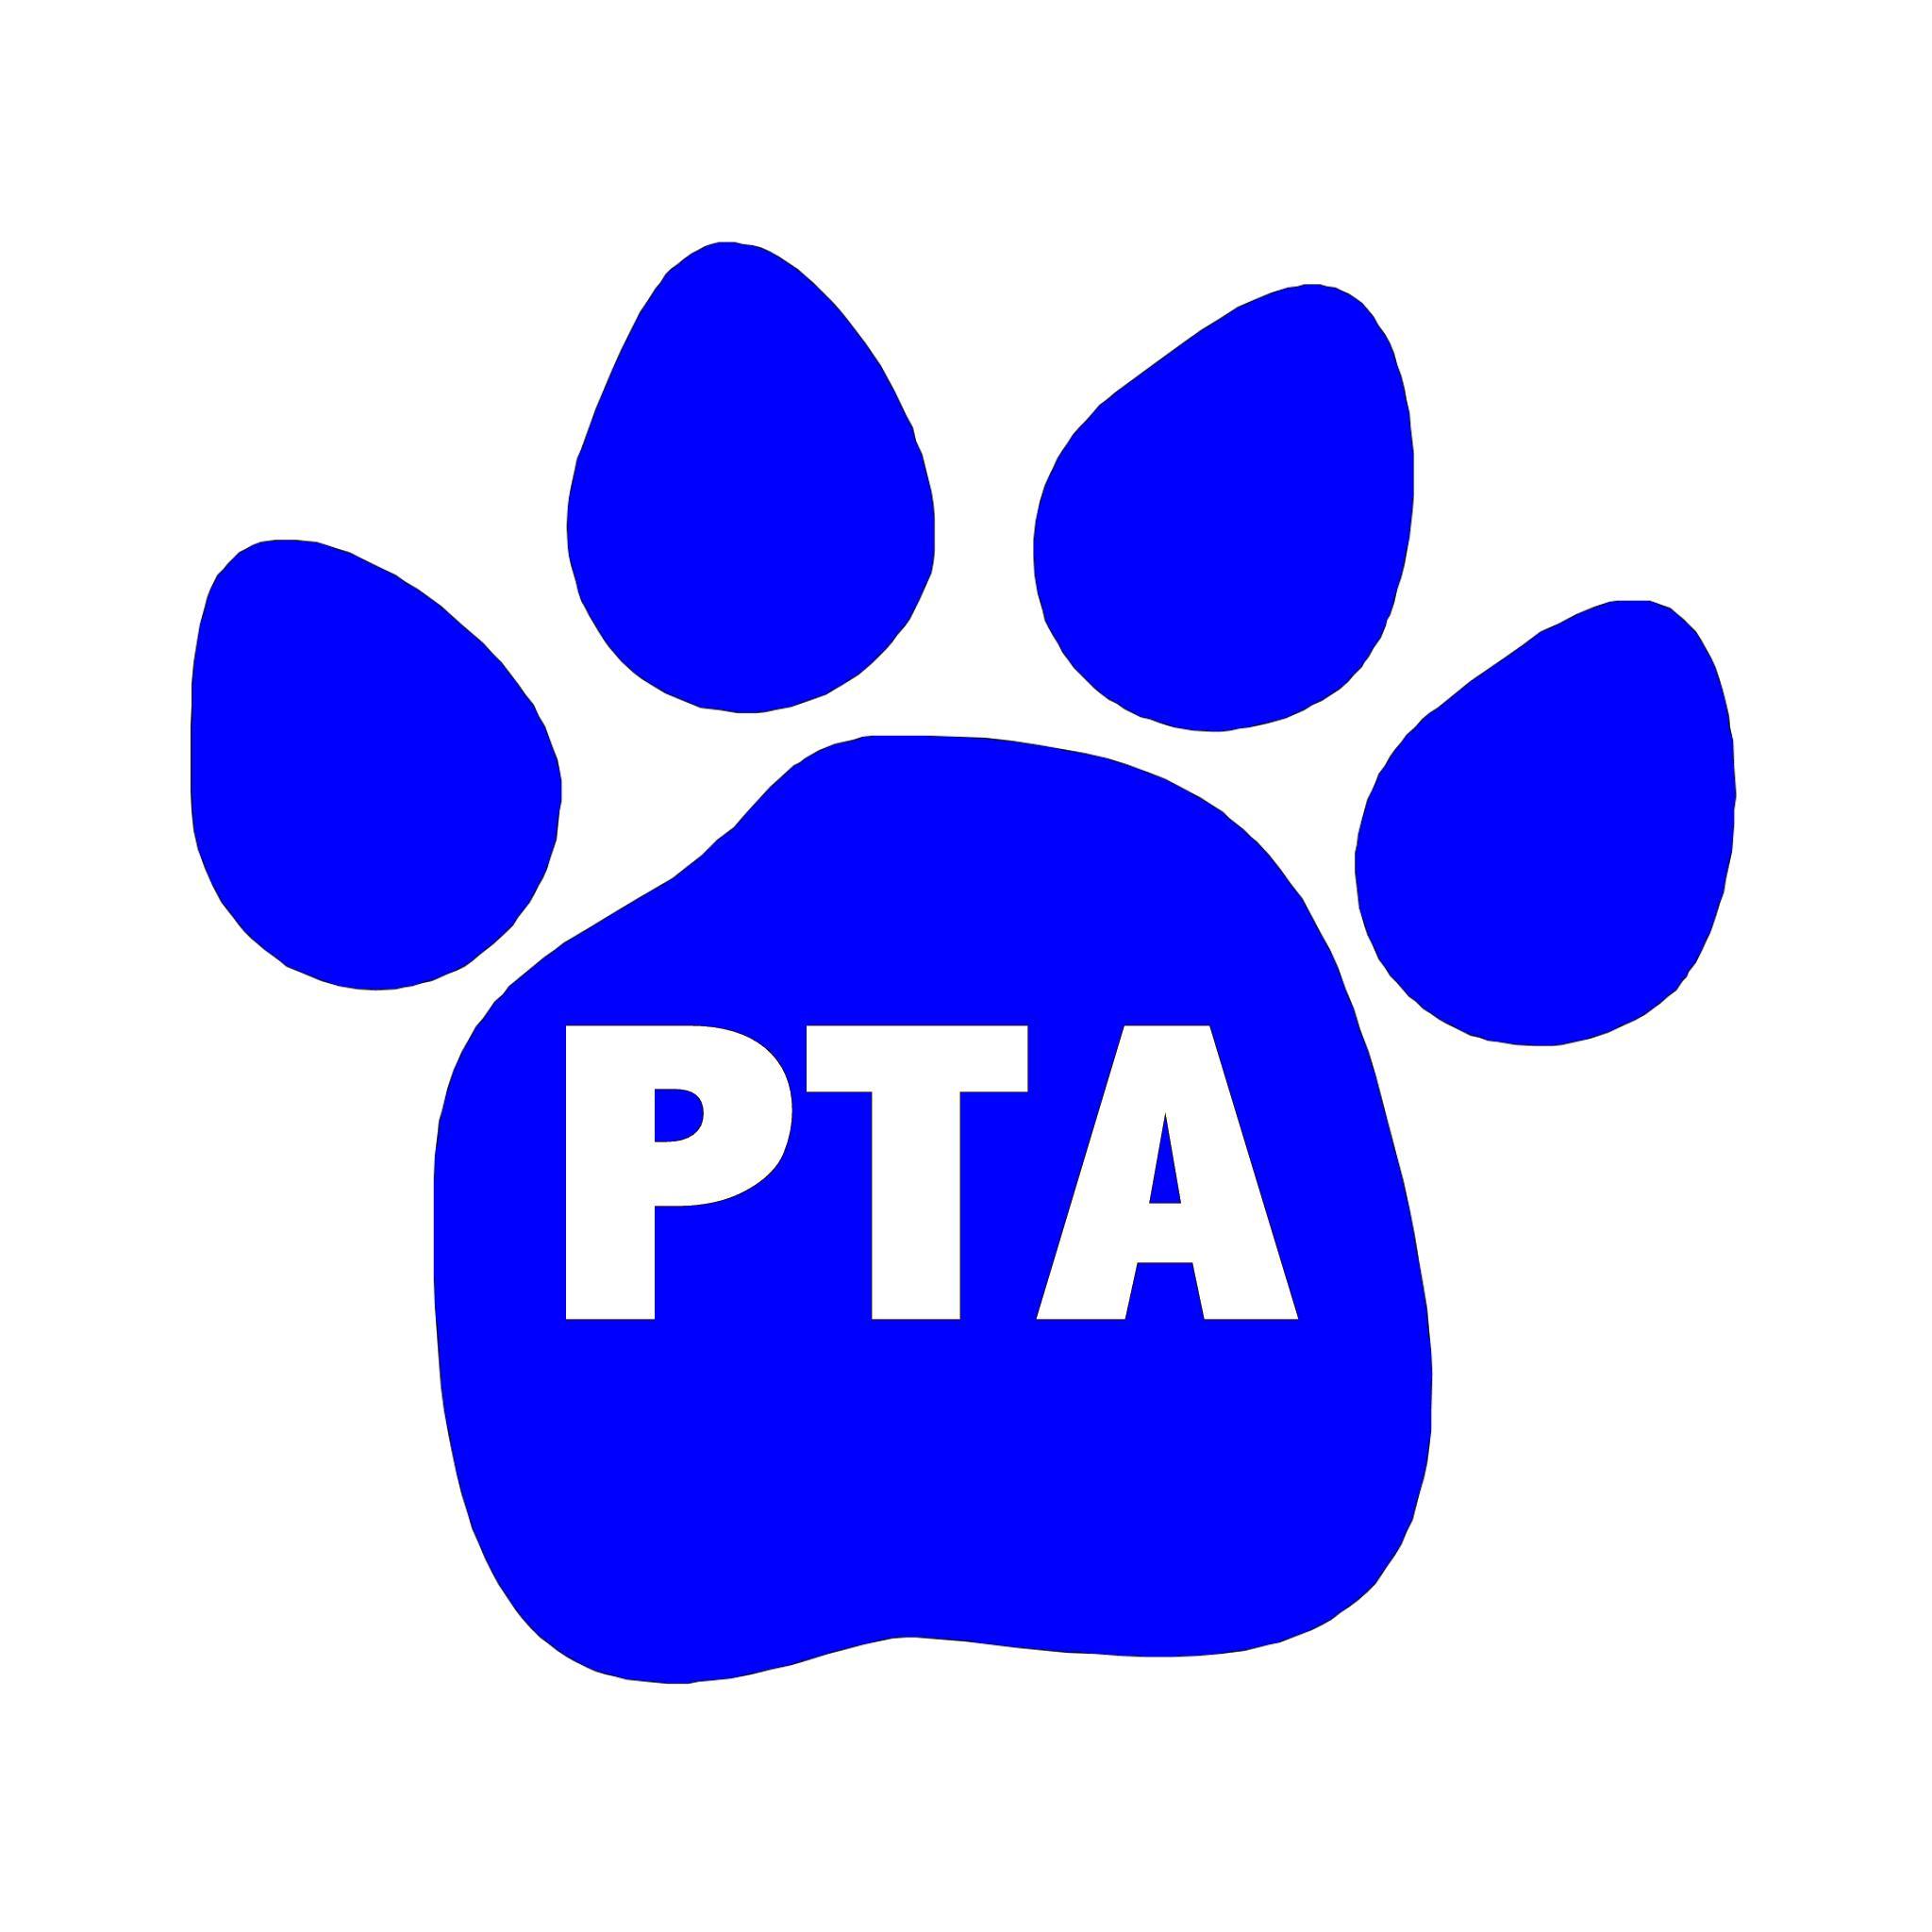 Click here to go to our PTA's web page to learn more about events. Haga clic aquí para ir a la página de web de la PTA para aprender más sobre los eventos. 去我們 PTA web 頁後,可以瞭解事件的更多資訊,請按一下此處。Click vào đây để đi đến trang web của chúng tôi PTA để tìm hiểu thêm về các sự kiện.